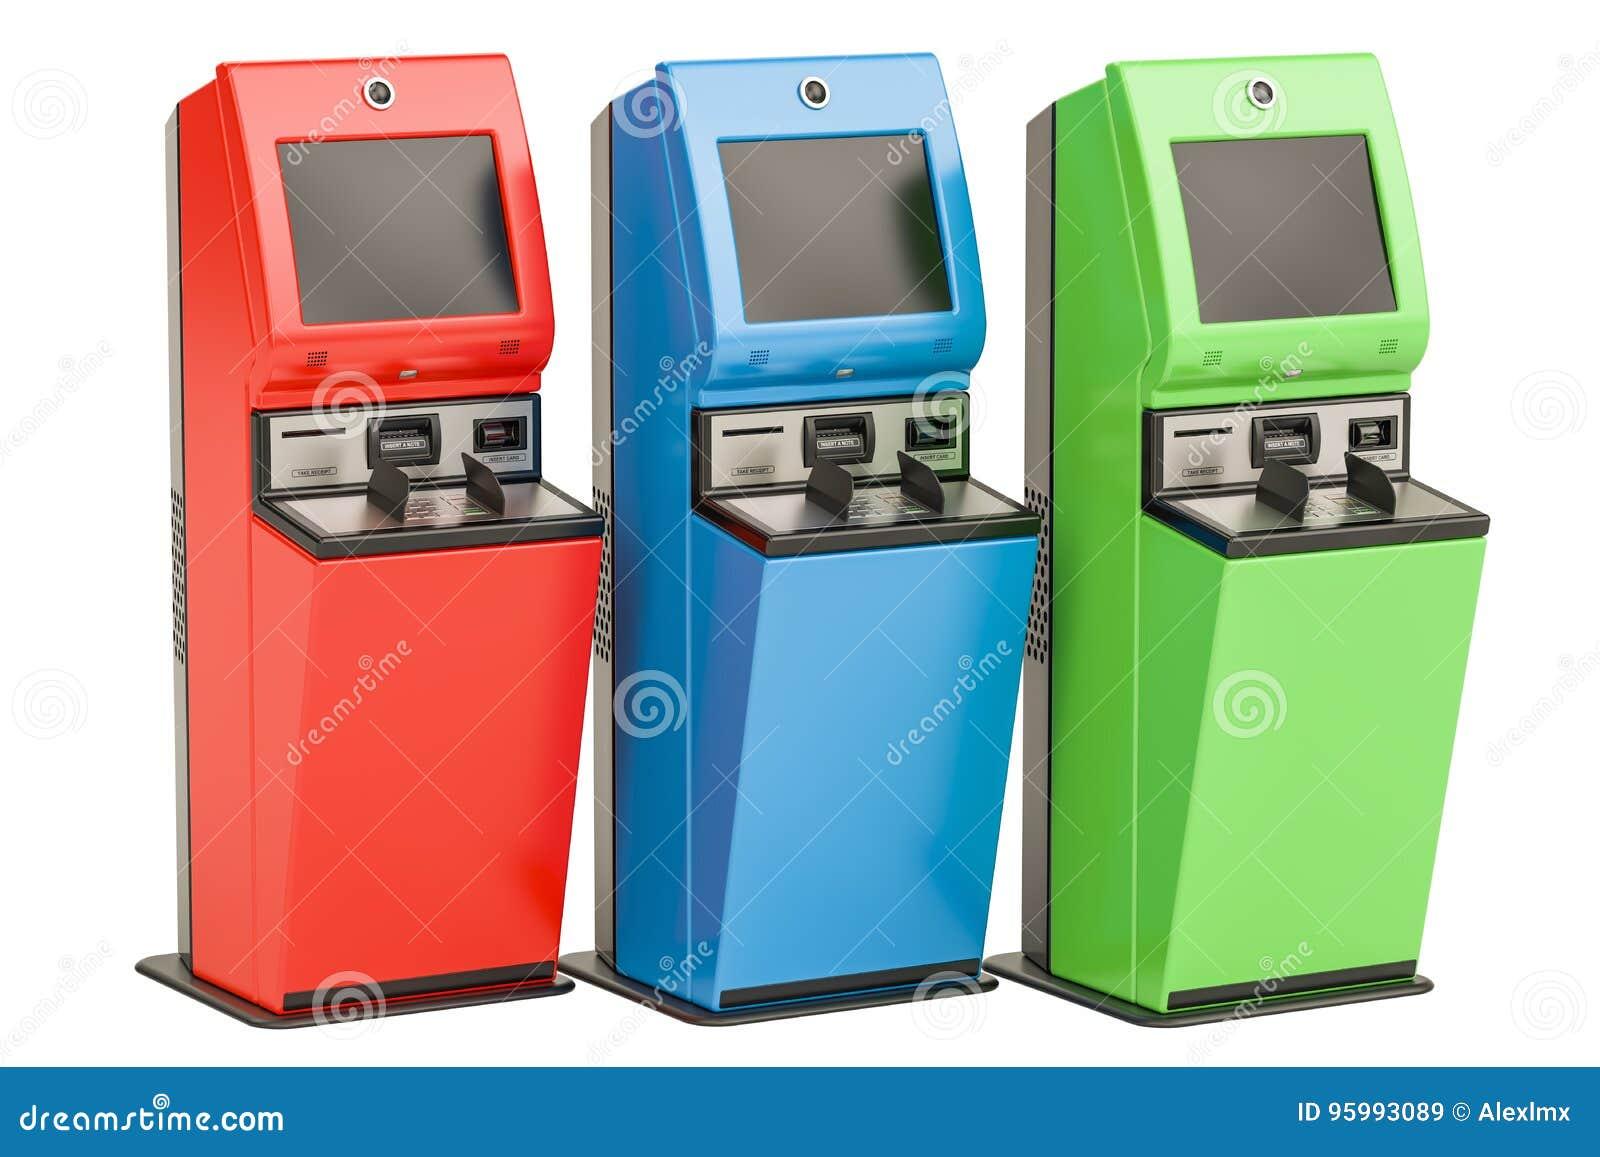 Digital-Bildschirme mit Berührungseingabe Finanzdienstleistungskioske, 3D ren